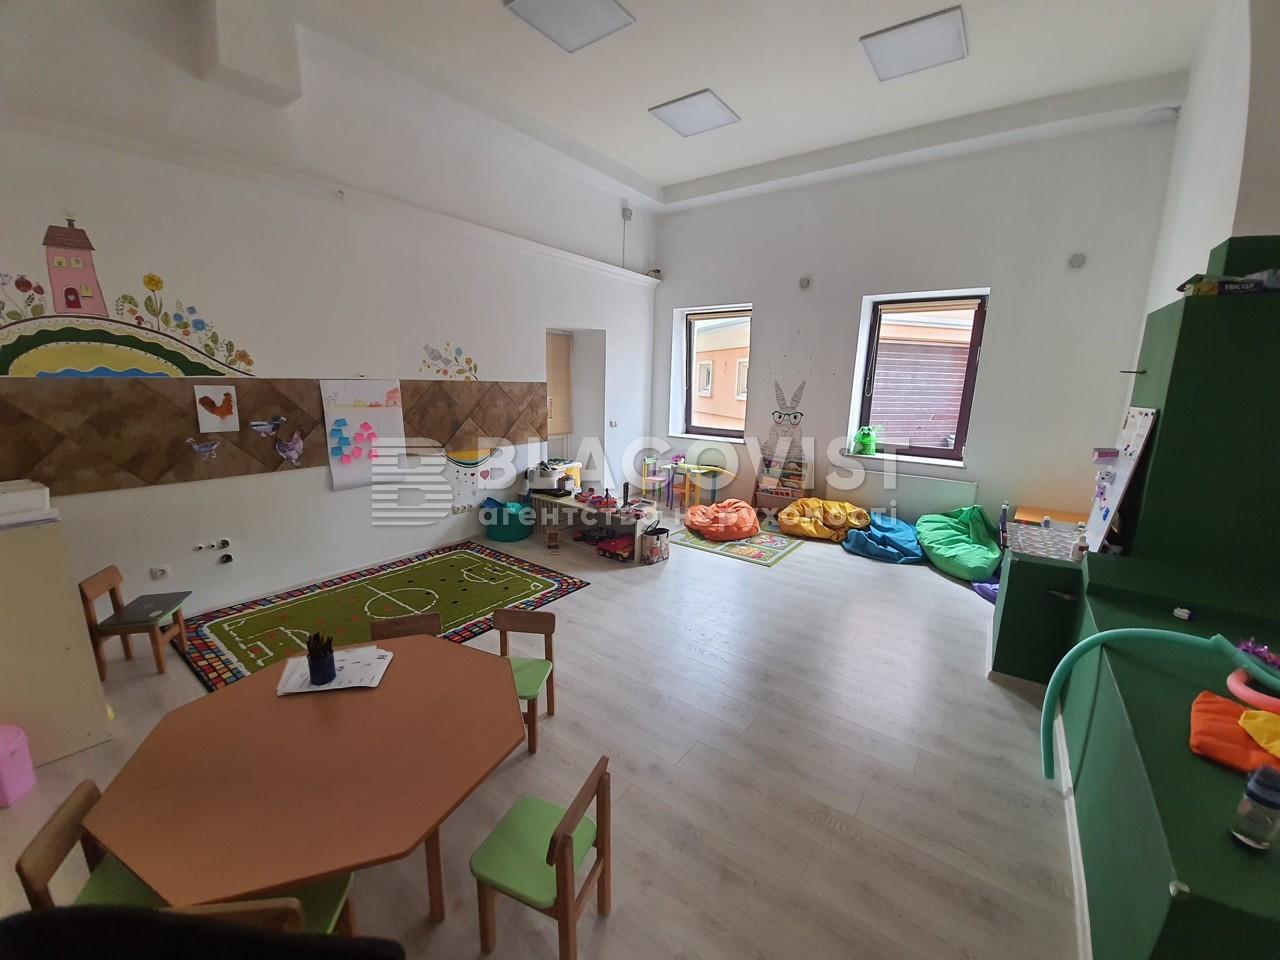 Будинок R-40483, Монтажників, Київ - Фото 3